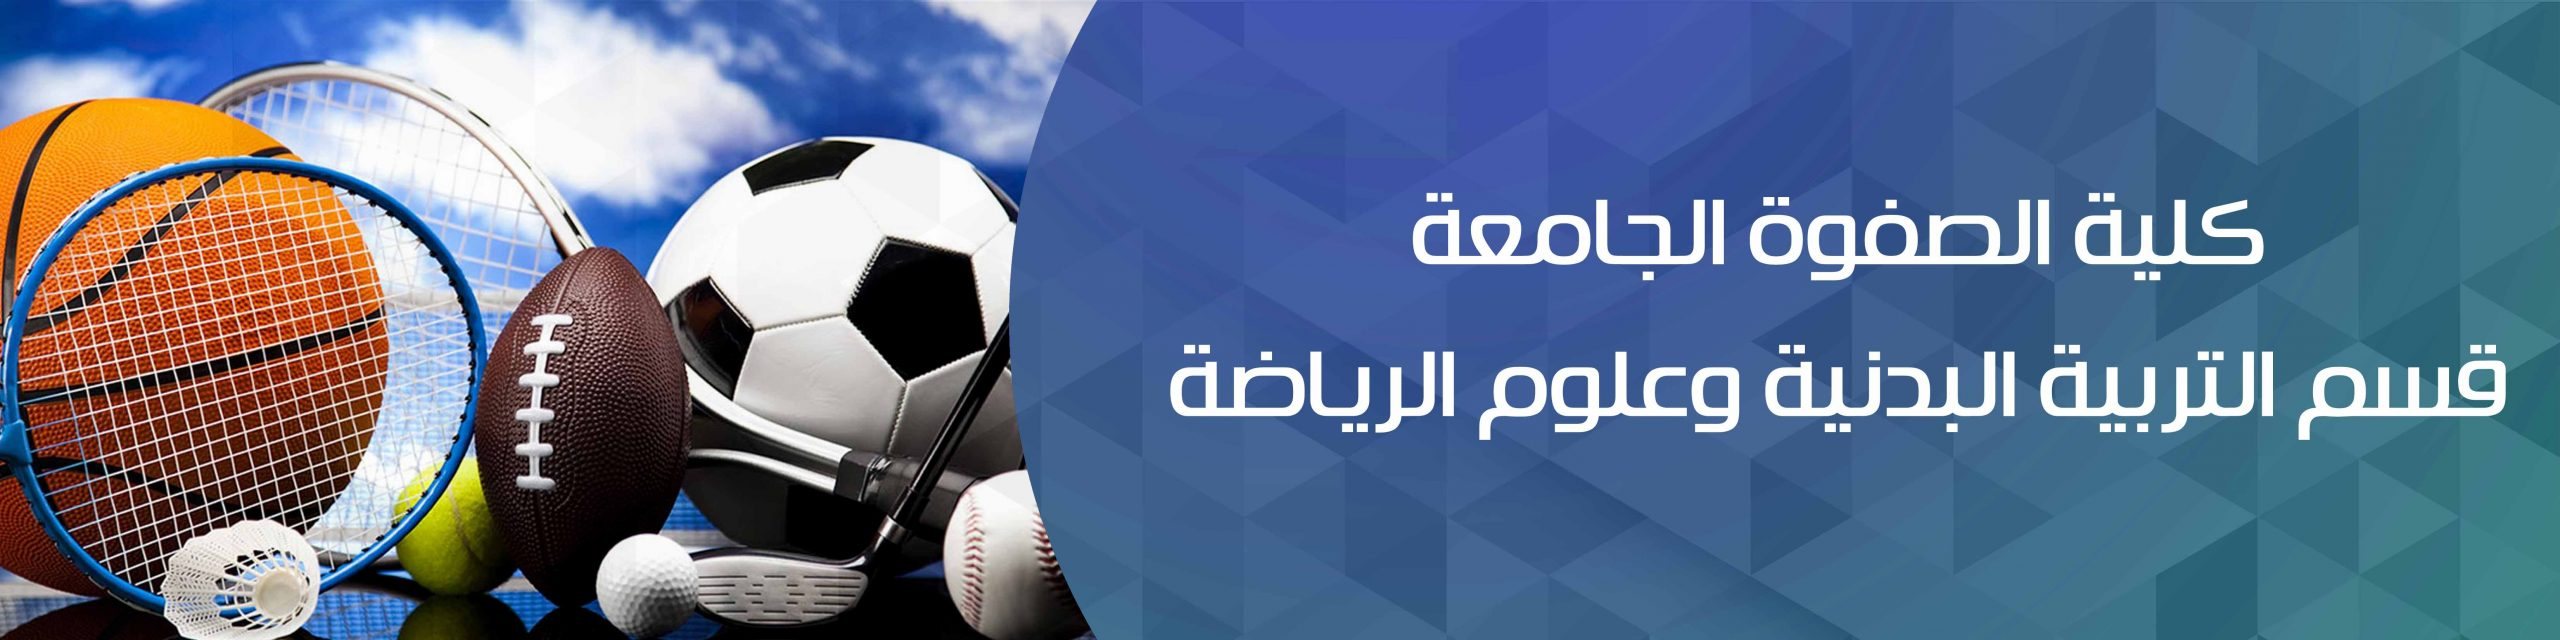 قسم التربية البدنية وعلوم الرياضة -كلية الصفوة الجامعة